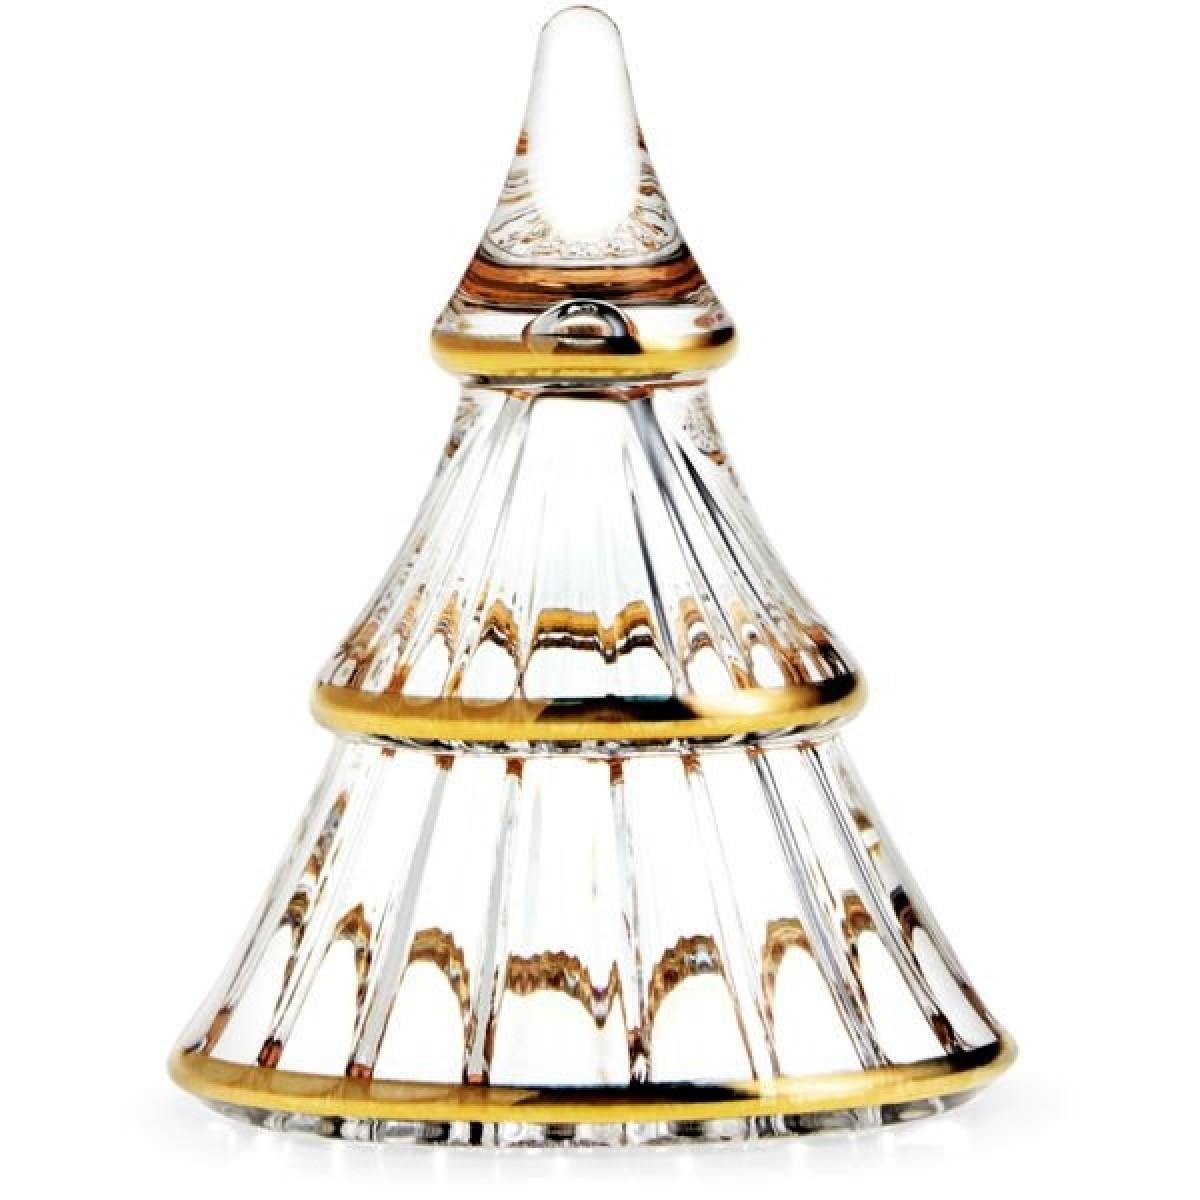 HOLMEGAARD Fairytales juletræ klar med guld lille